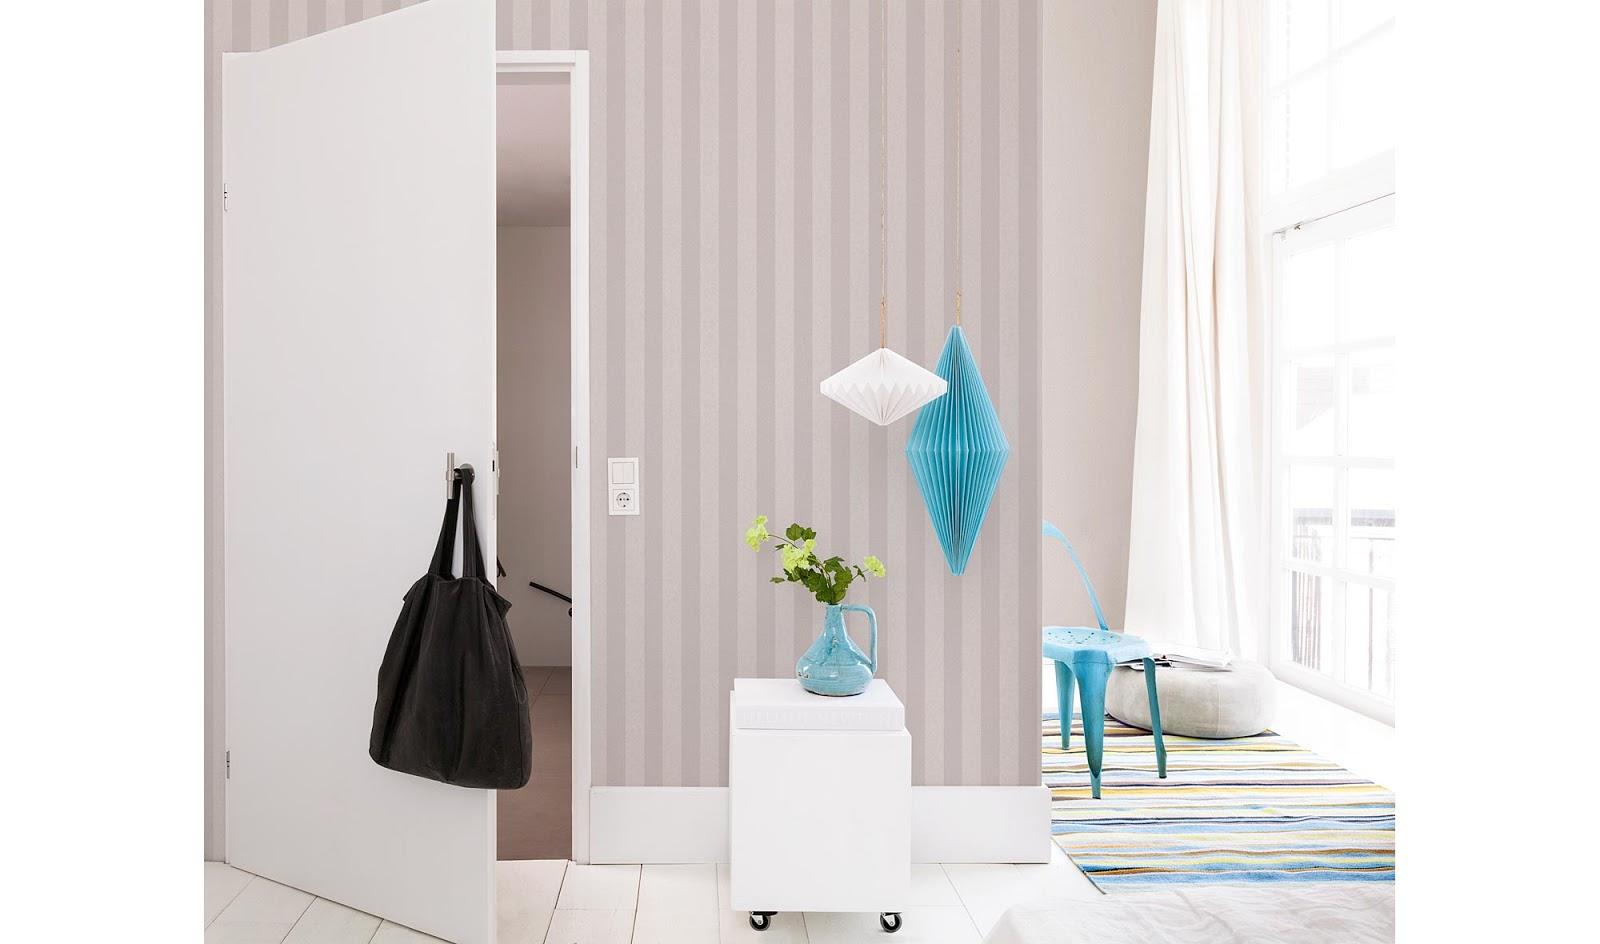 en decoracin las reglas estn para romperse pero mejor si slo usamos papel pintado en una de las paredes de la estancia aunque depender de la luz